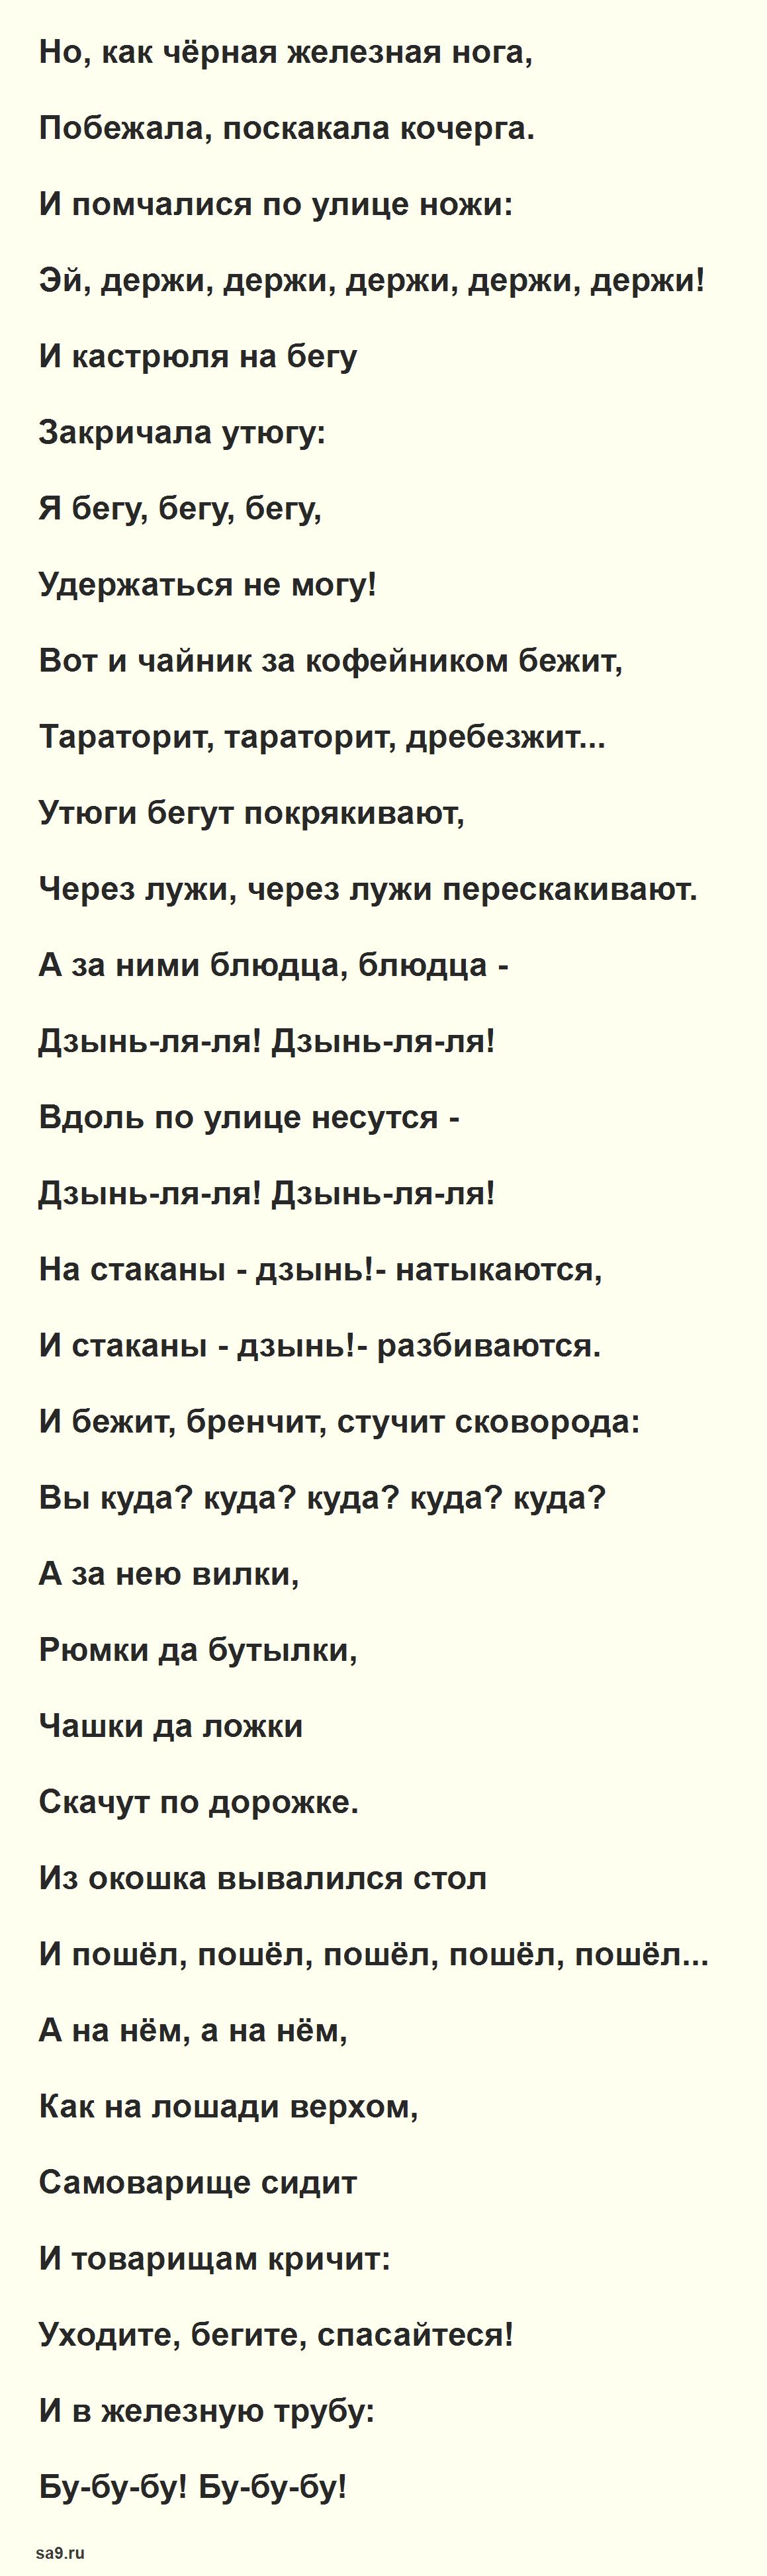 Читать сказку Чуковского для детей 'Федорино горе'